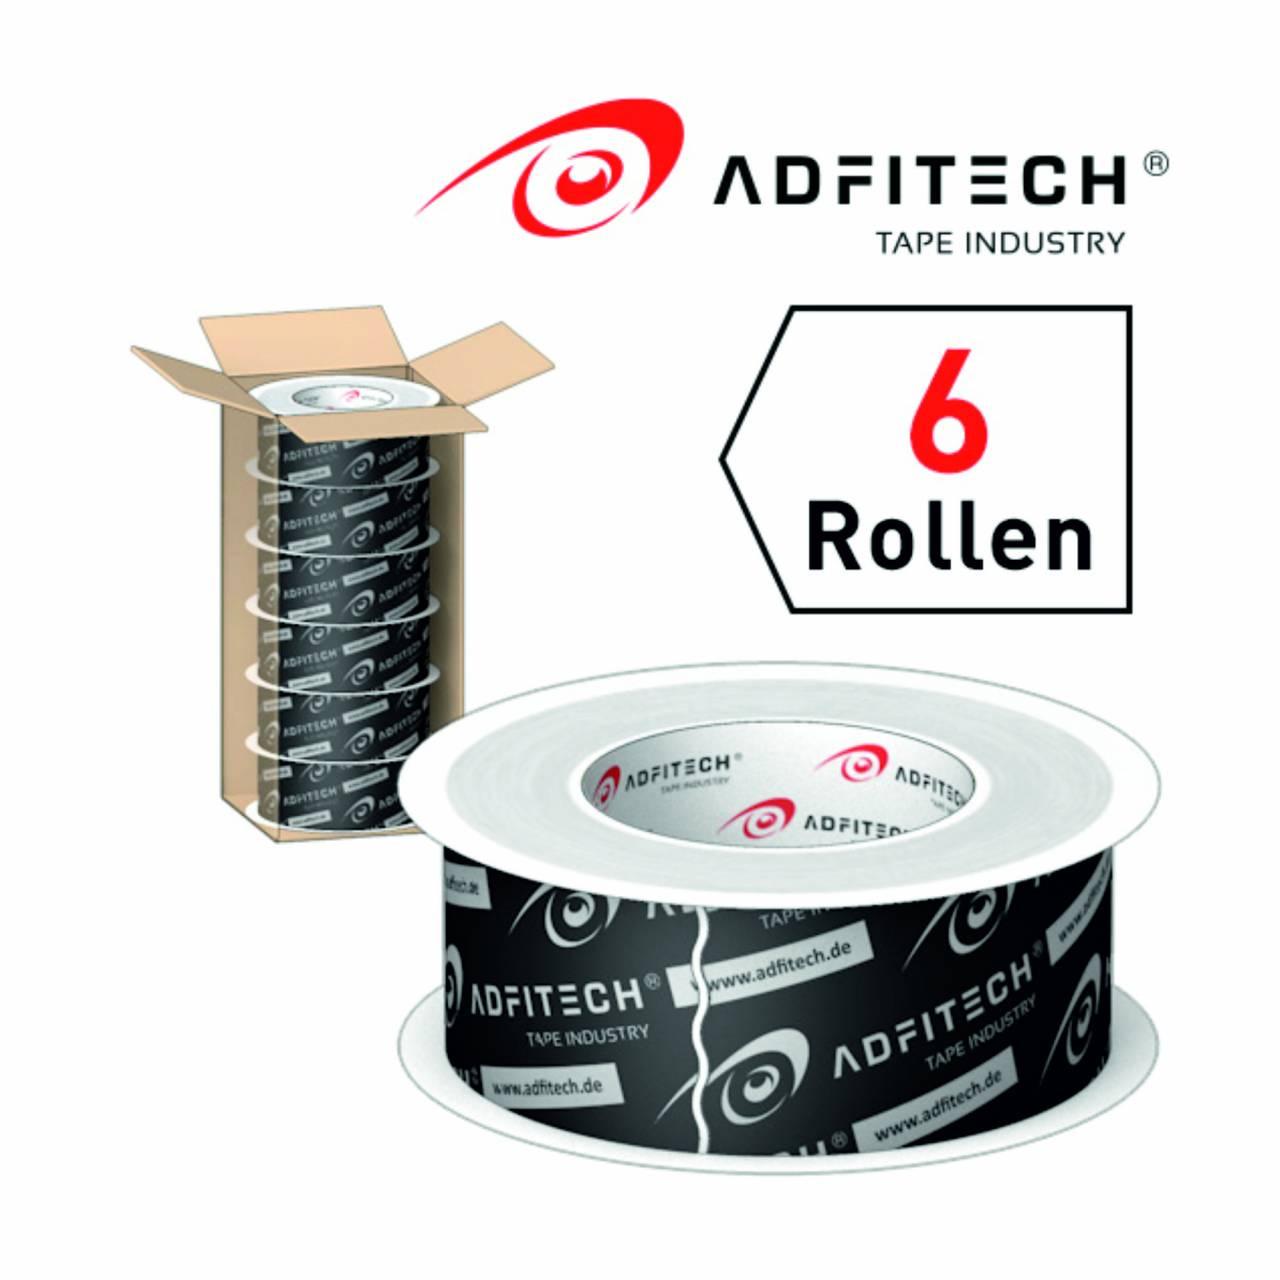 Adfitech Dichtklebeband 'AT225' 60 mm x 25 lfm / Krt a 6 Rollen